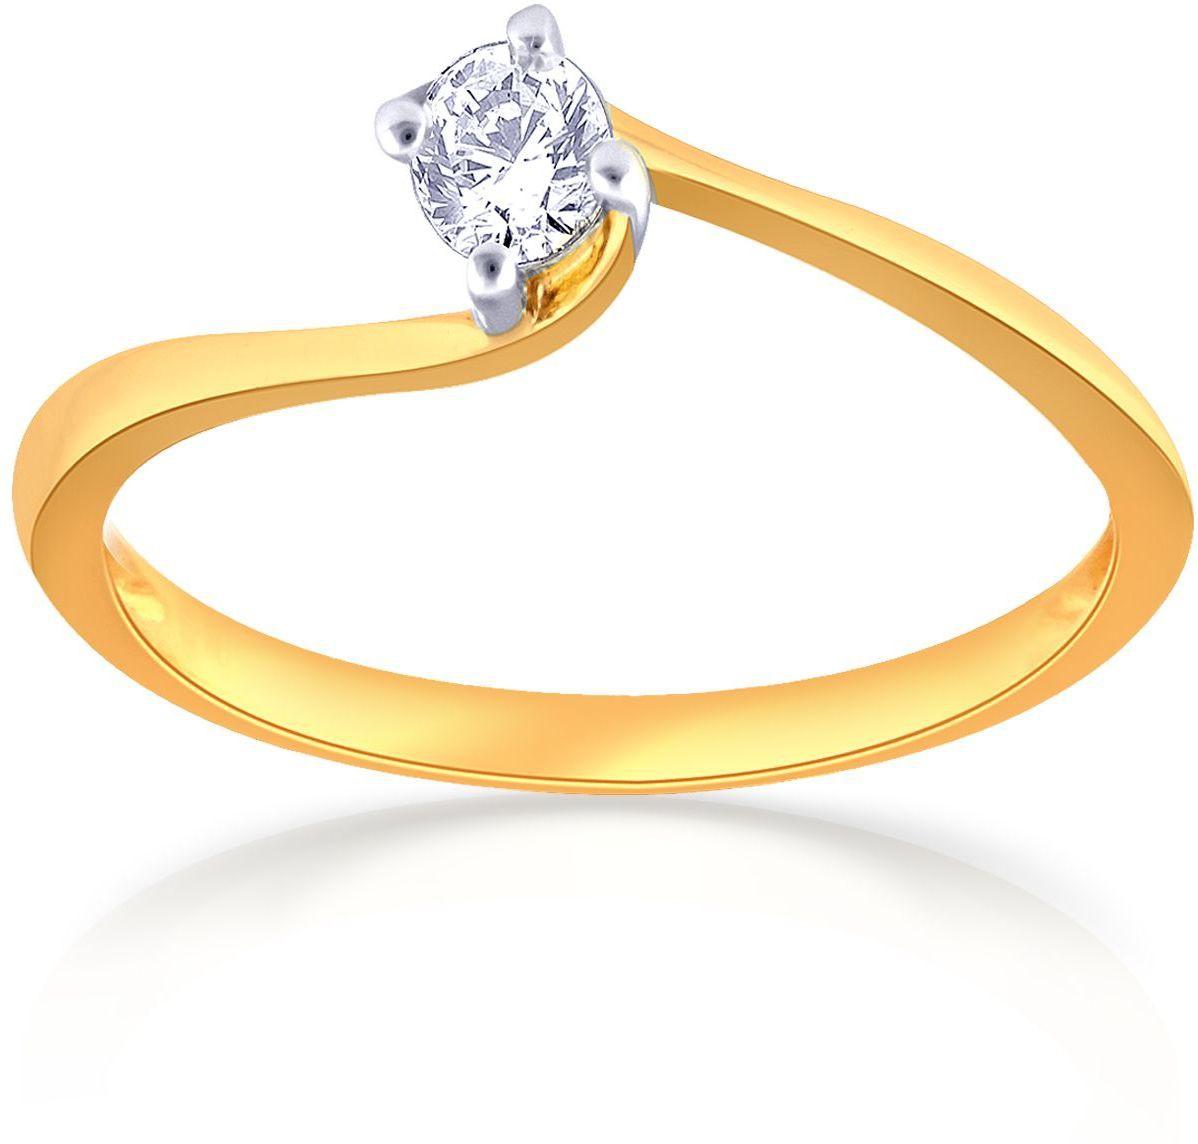 9fccf26c44077 Malabar Gold and Diamonds R57890A Yellow Gold Diamond 18 K RingMalabar Gold